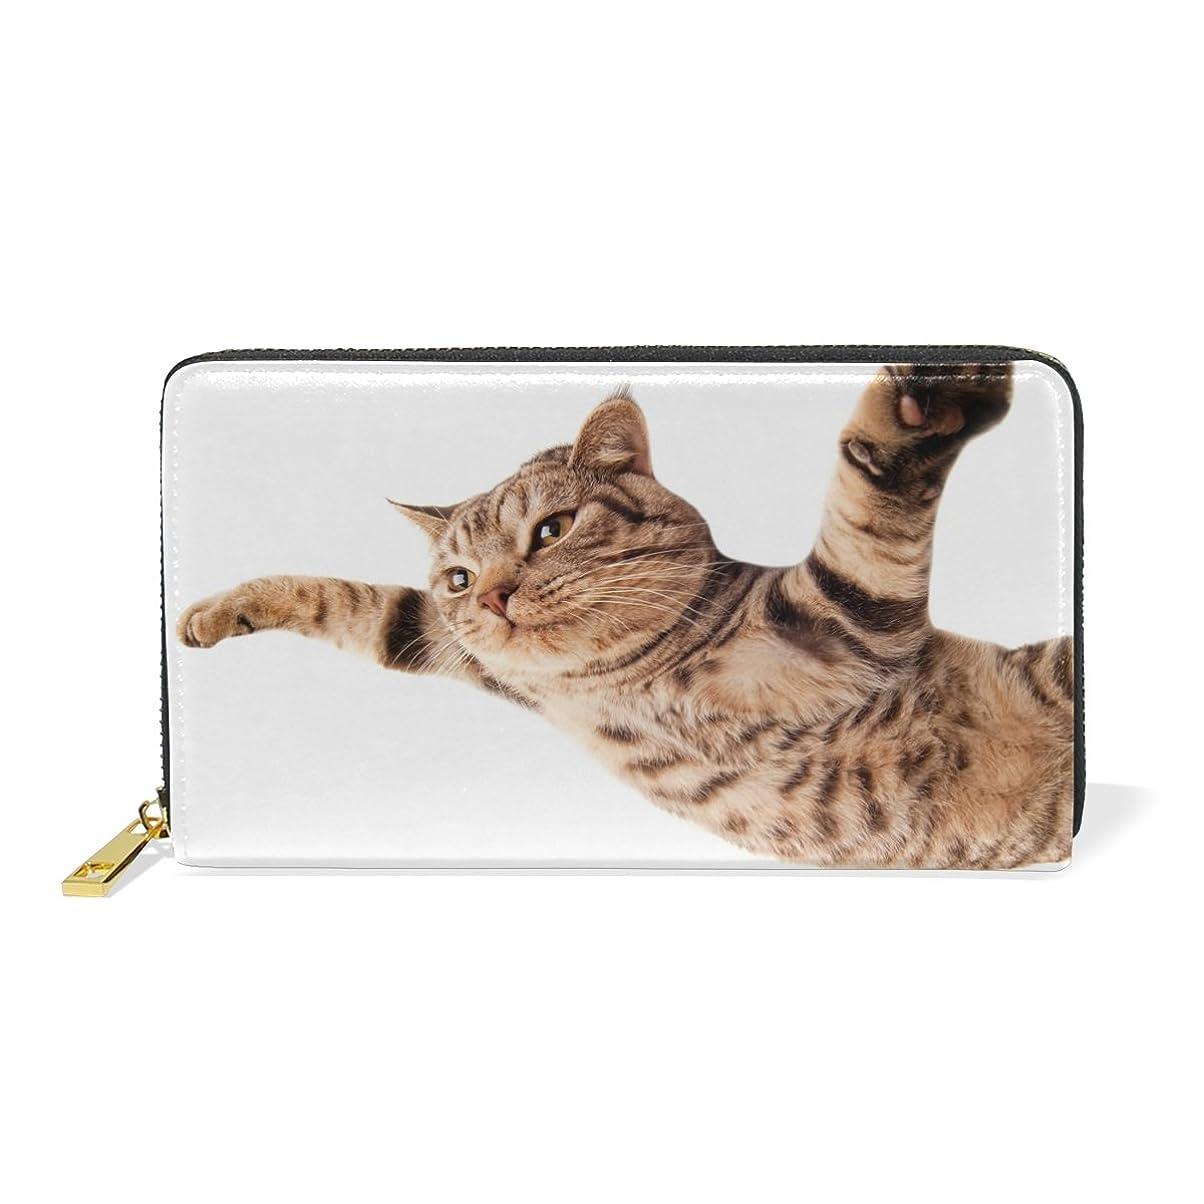 鮫特異なみAOMOKI 財布 長財布 男女兼用 本革 財嚢 革袋 小銭入れ付 北欧風 大容量 ラウンドファスナー 通勤 通学 プレゼント 猫柄 かわいい猫